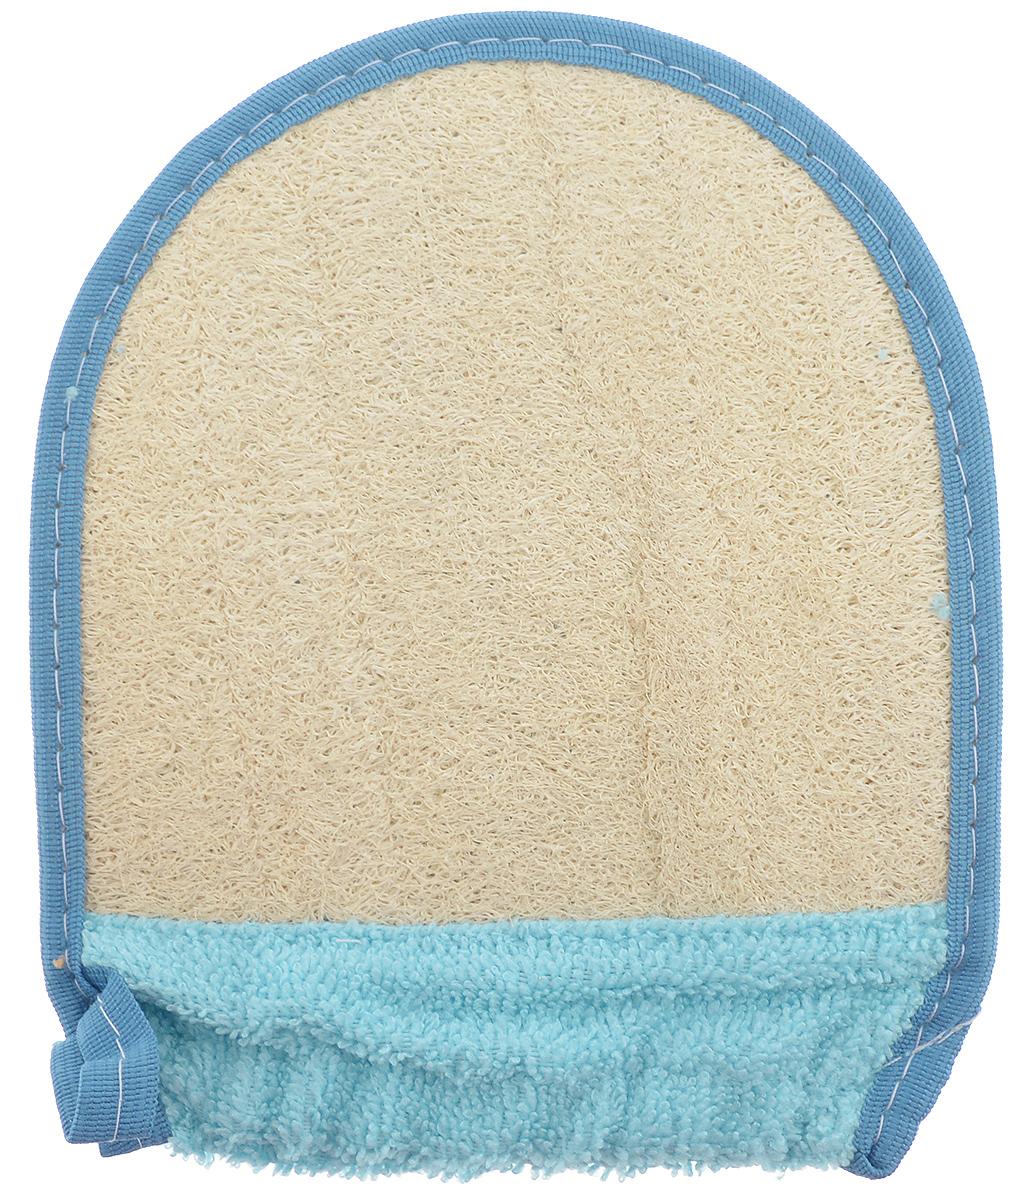 Мочалка-рукавица для тела Текос, с манжетой, натуральная, цвет: голубой, синий, бежевый4.12_голубой, синийМочалка-рукавица Текос изготовлена из хлопка. Предназначена для самого нежного мытья. Основа рукавицы состоит из натурального продукта - Люфа. Губка из высушенной волокнистой массы плодов этого южного растения оказывает на кожу благоприятный оздоровительный эффект. Люфа находится в спрессованном состоянии, поэтому перед первым применением размочите ее в горячей воде. Можно использовать как с мылом, так и без него.Размер мочалки-рукавицы: 19 х 15 см.